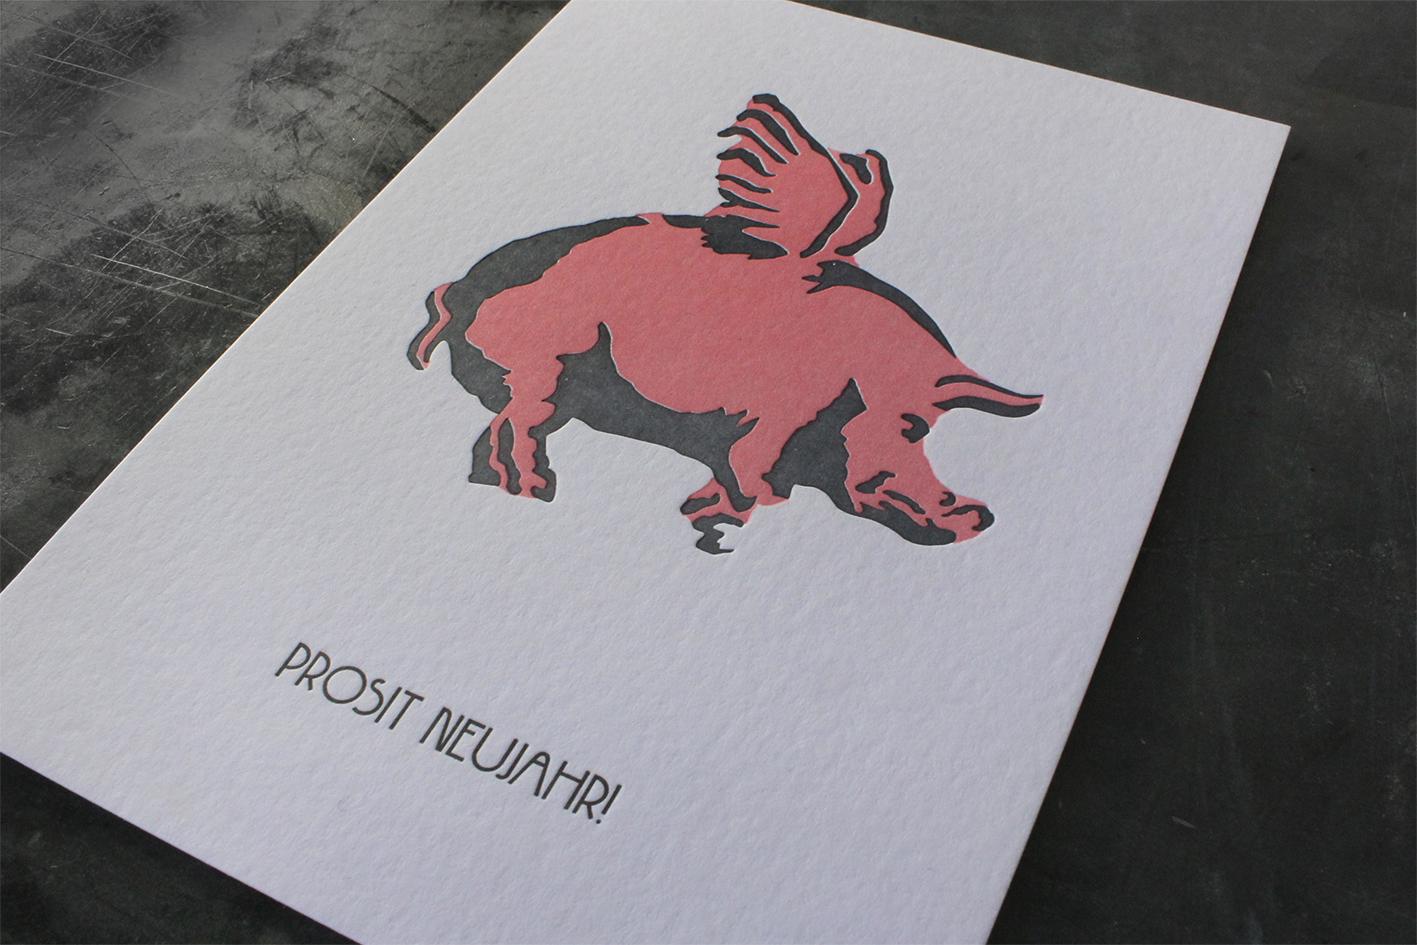 Karte Buchdruck Letterpress Glückwunsch Prosit Neujahr Frohes neues Jahr